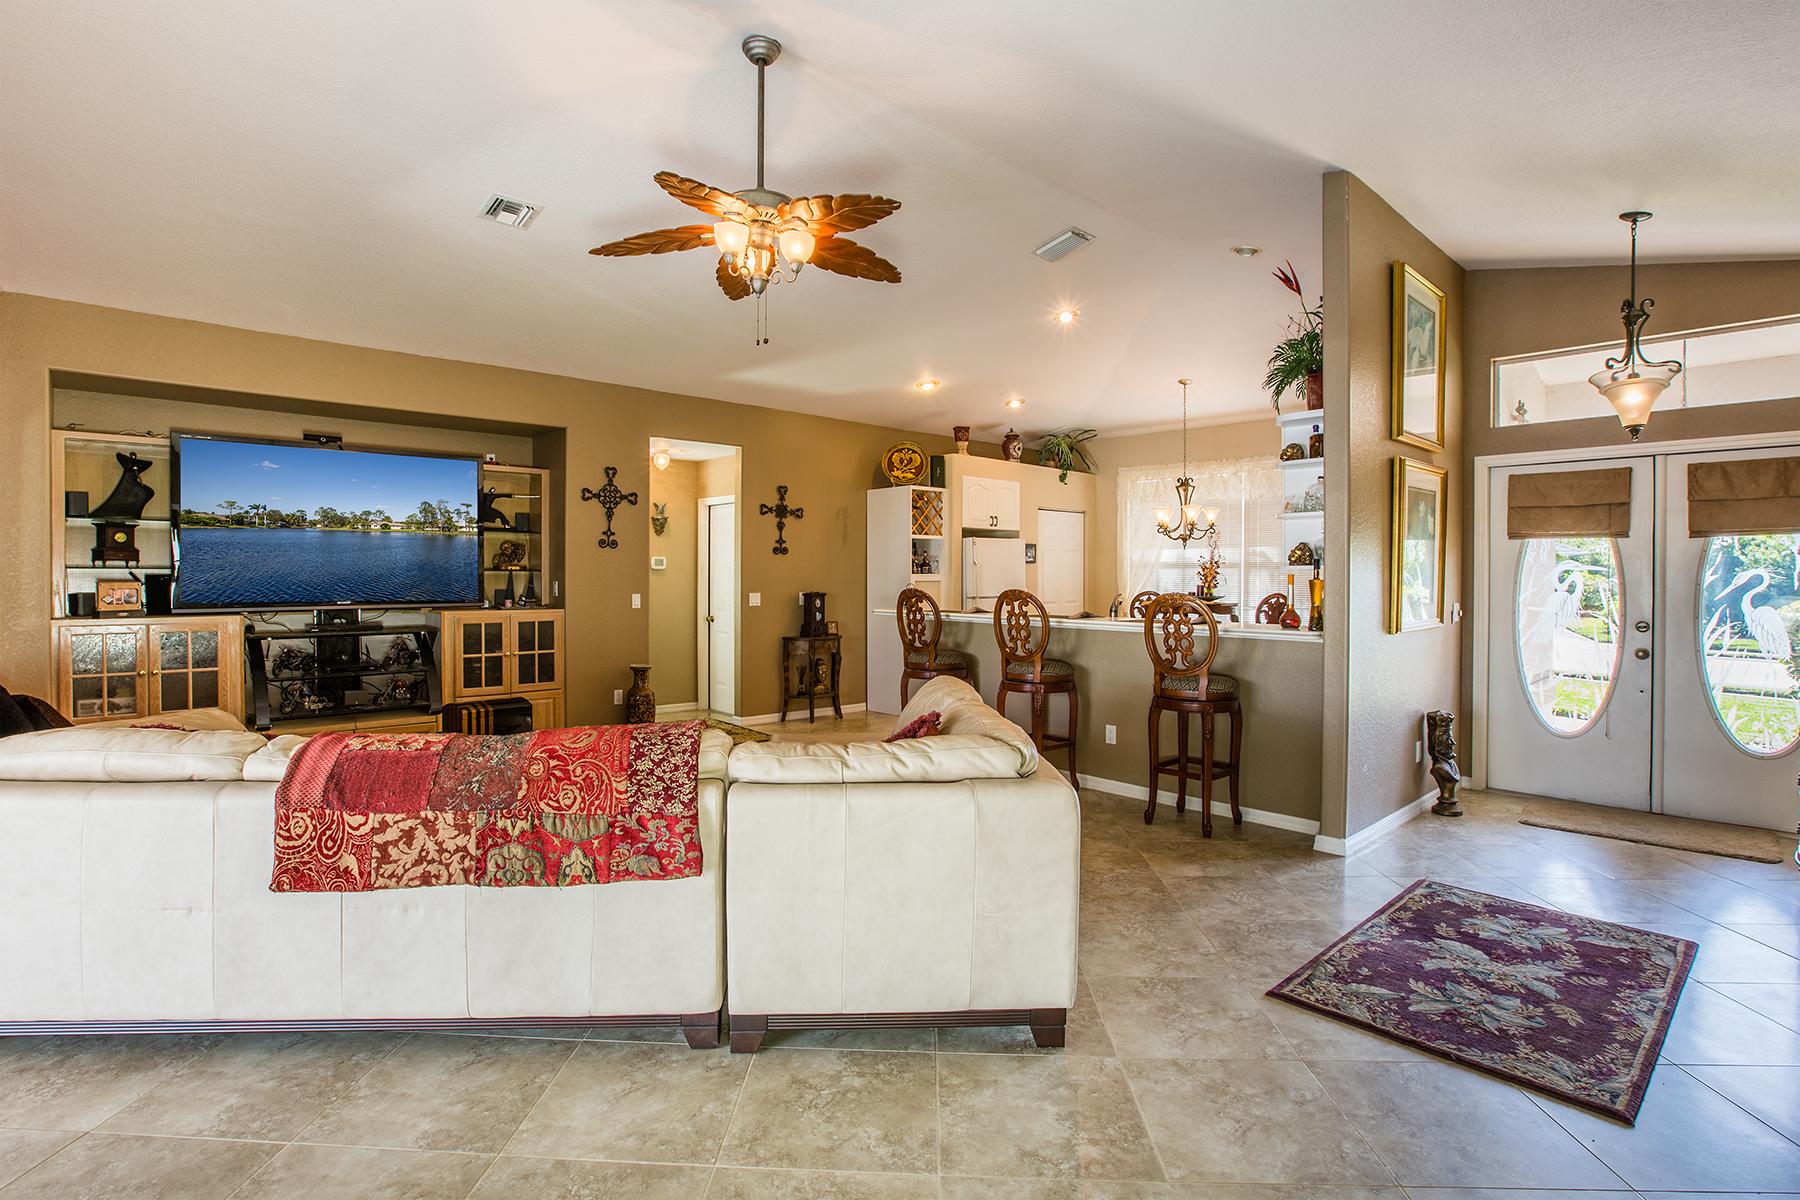 단독 가정 주택 용 매매 에 FORT MYERS-EAGLE RIDGE 7599 Woodland Bend Cir, Fort Myers, 플로리다, 33912 미국